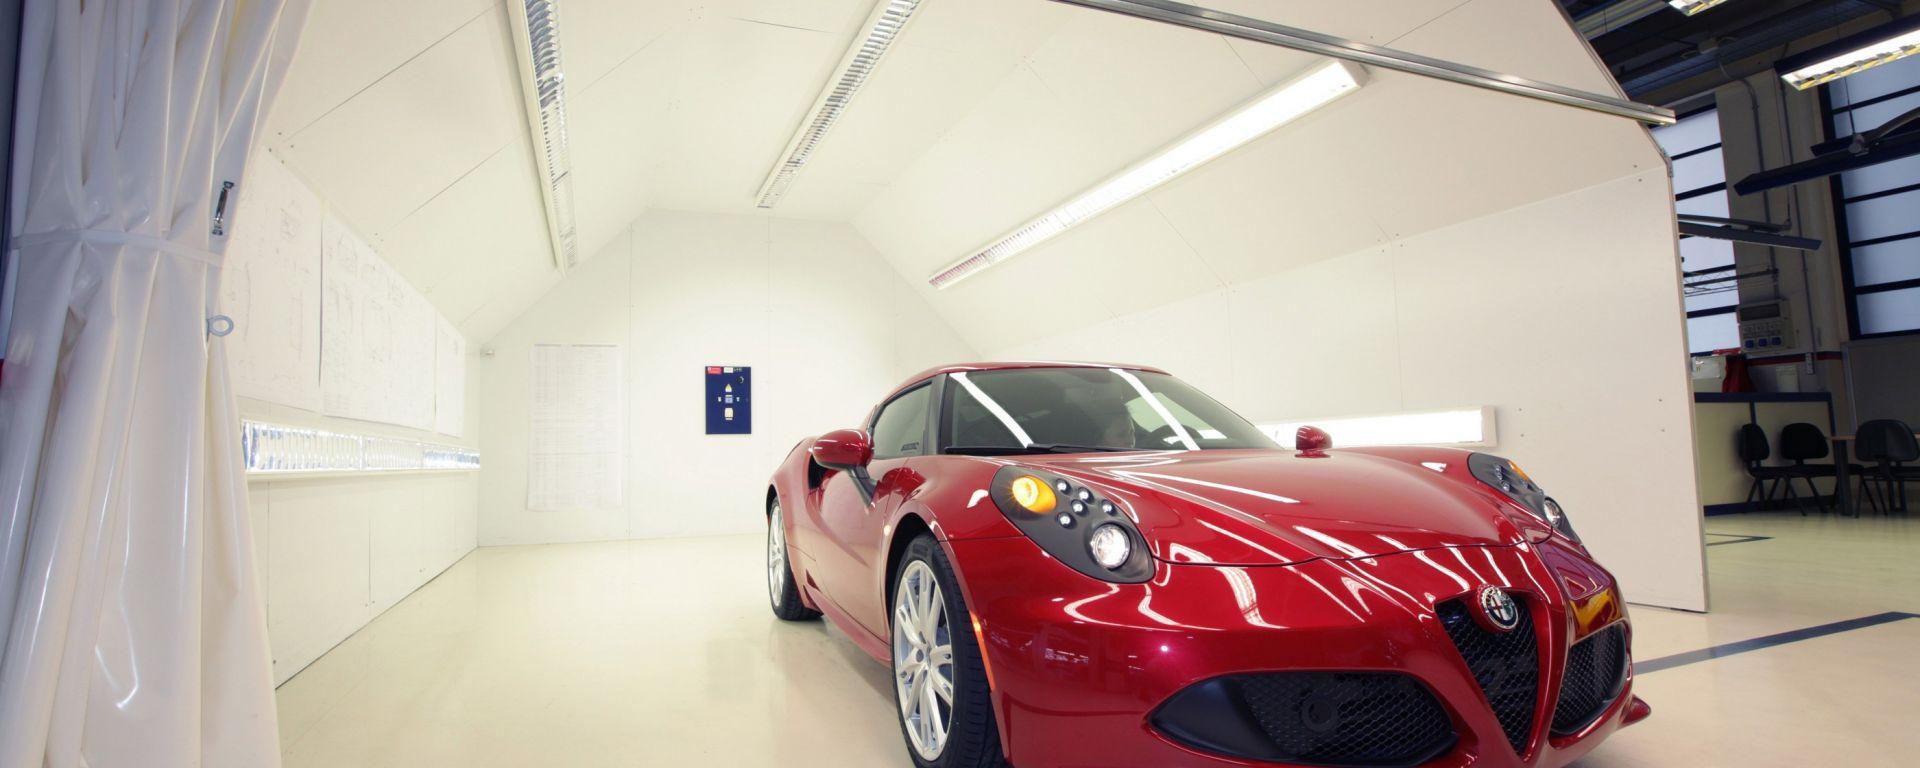 Alfa Romeo 4C: tutto quello che non si vede